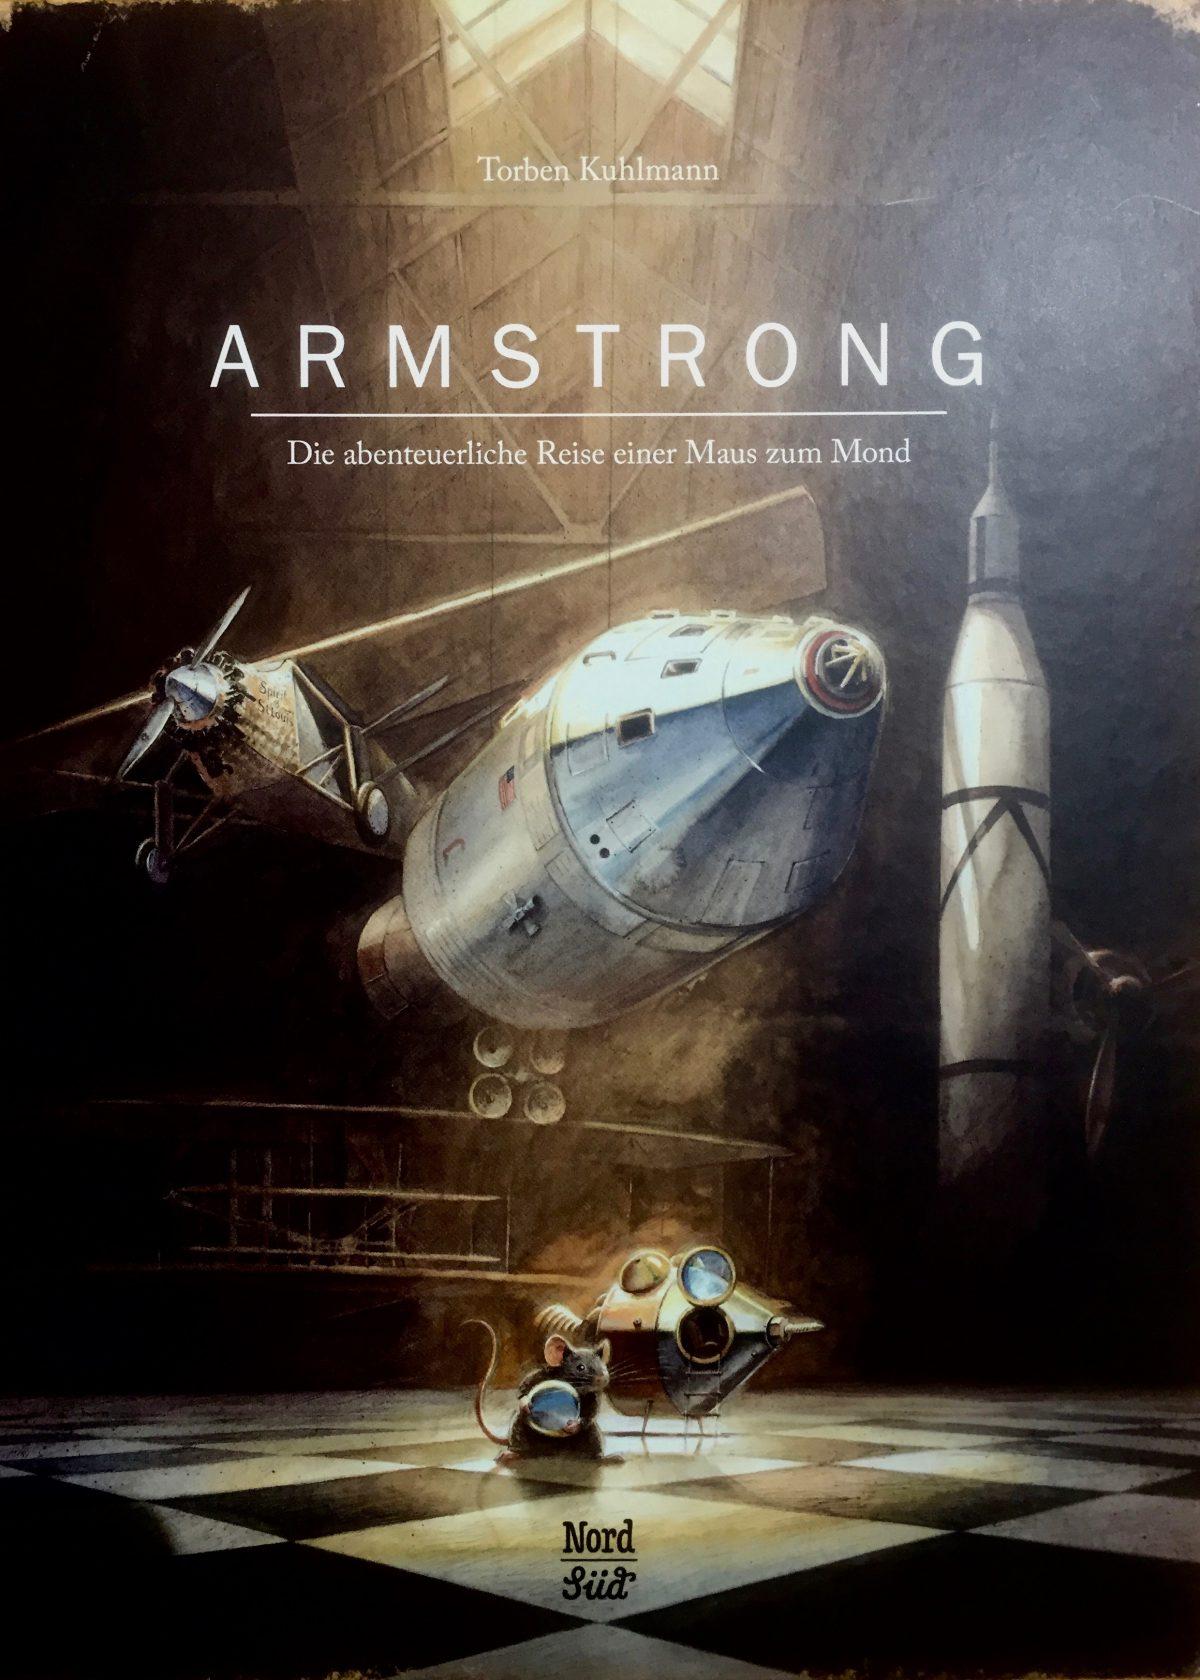 Armstrong – eine süße Geschichte über die Reise einer Maus zum Mond